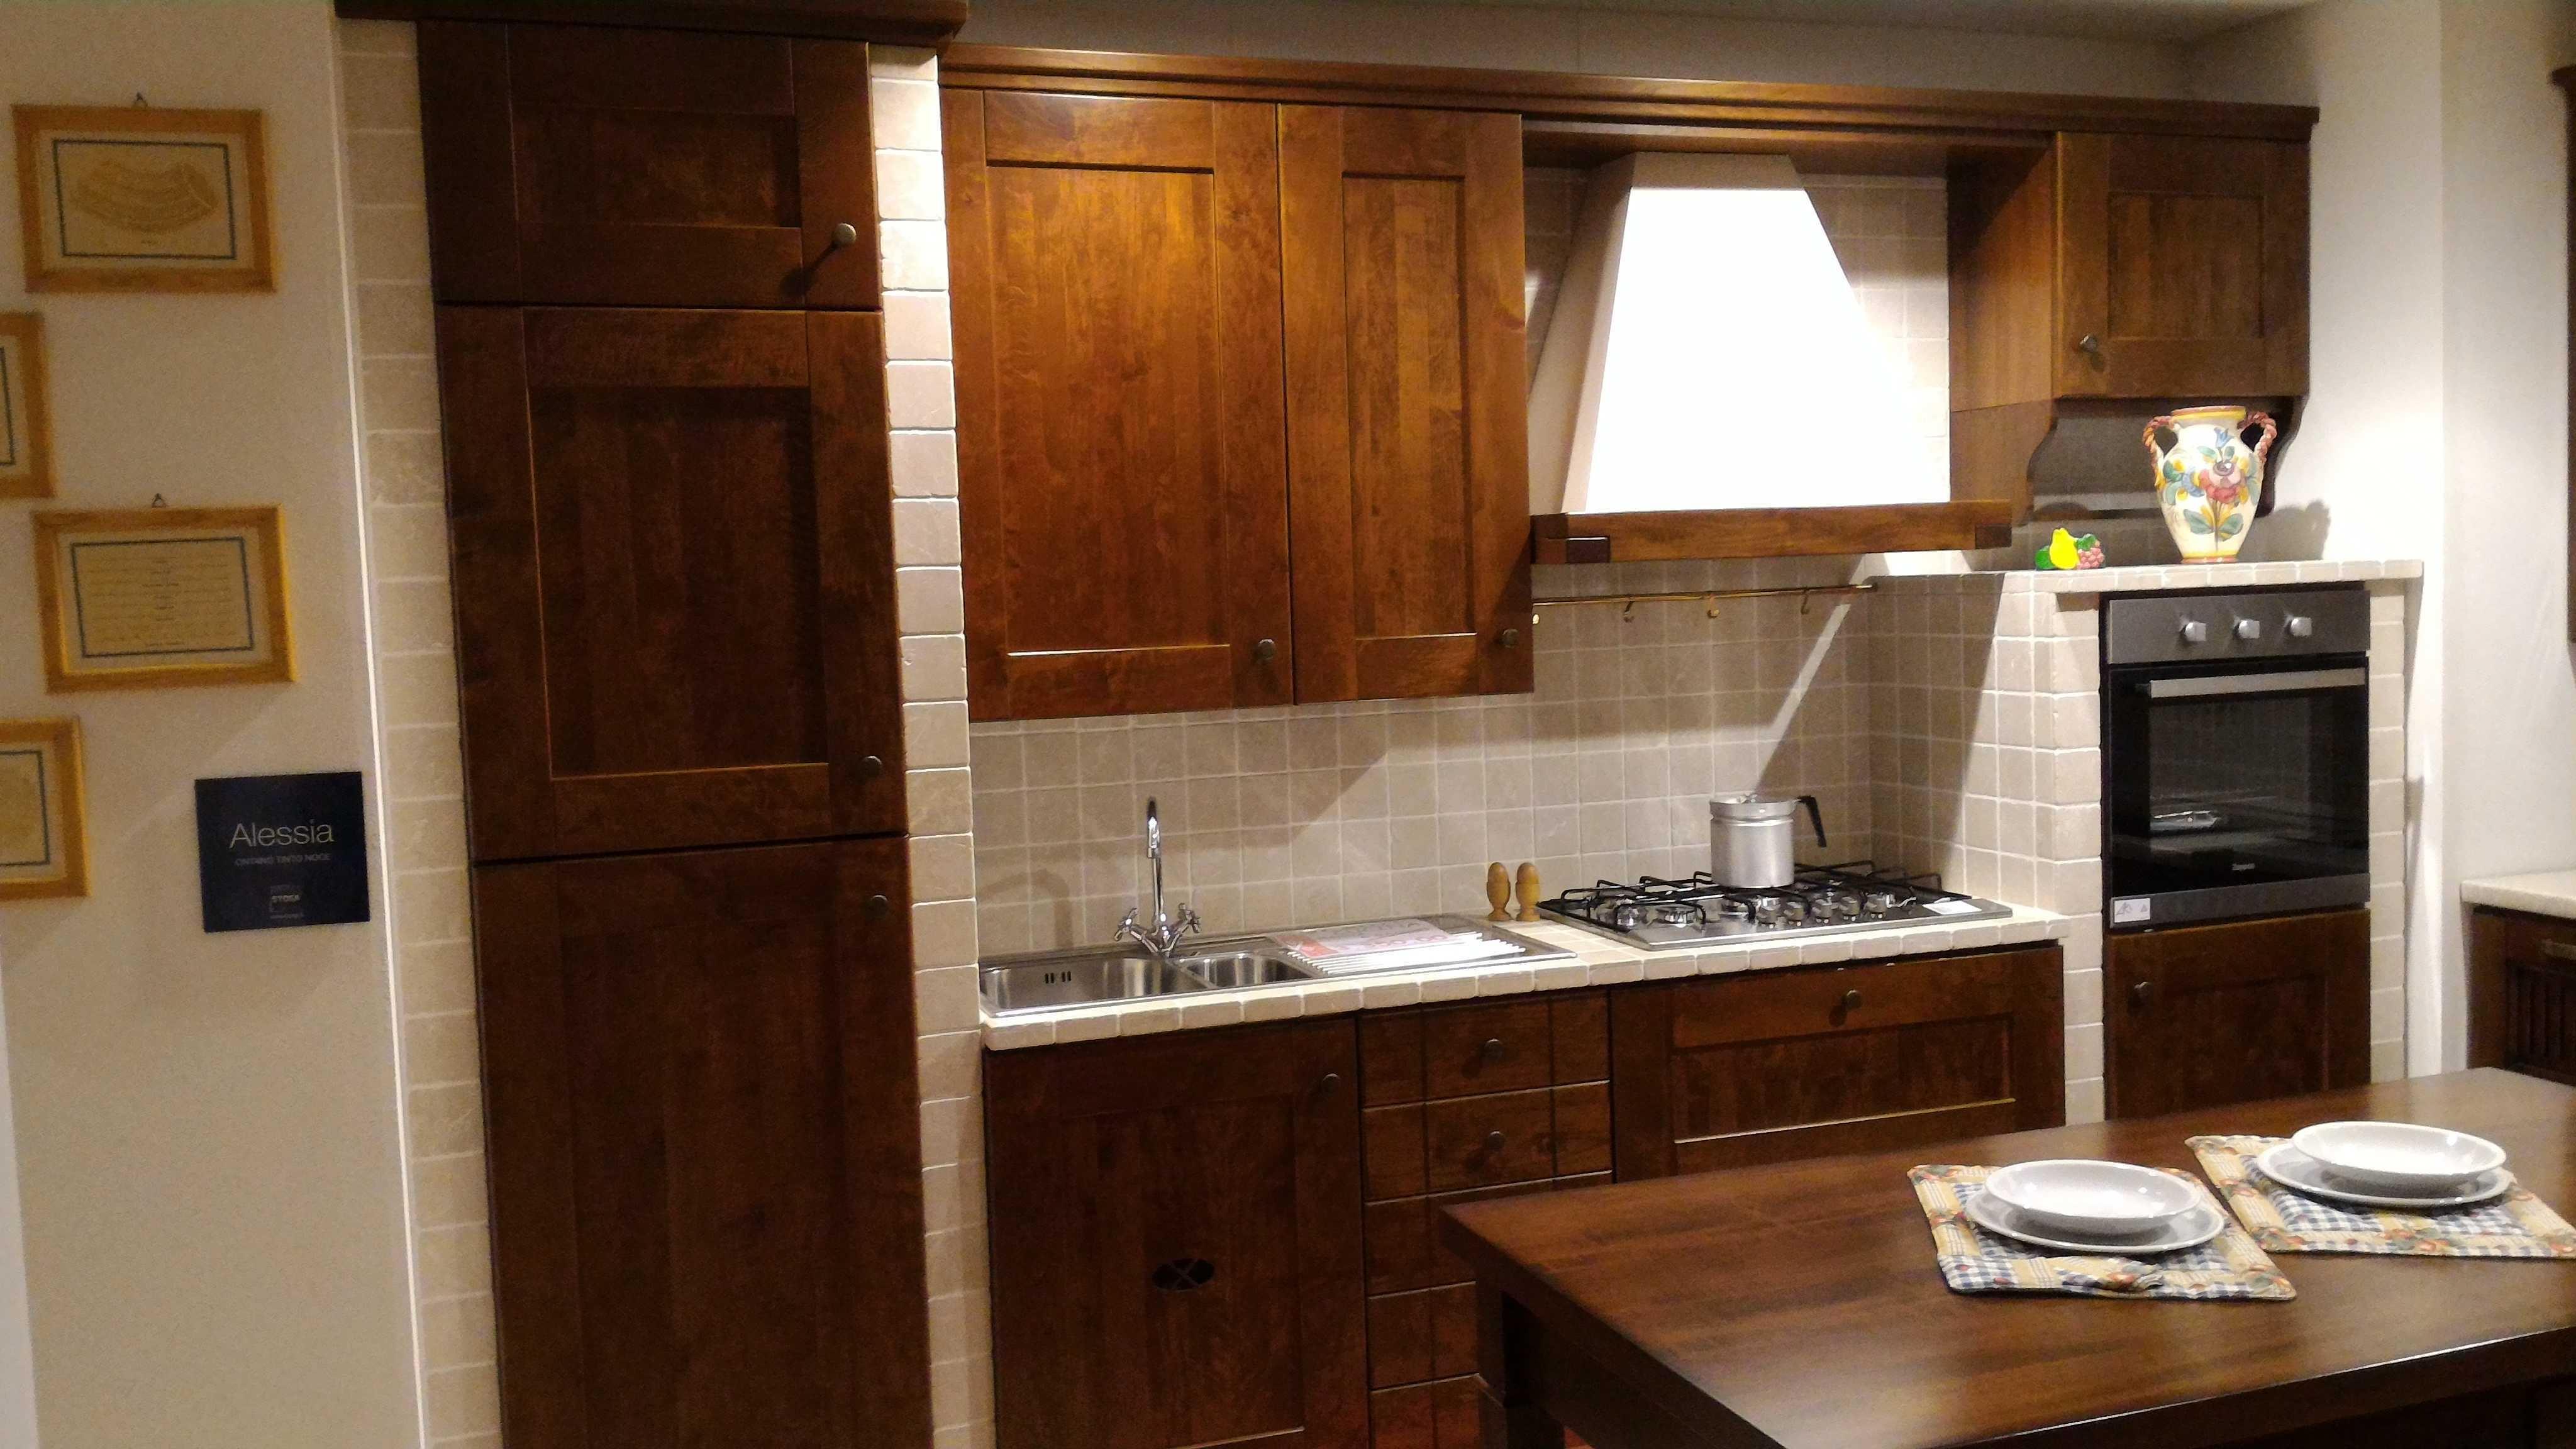 Cucina stosa alessia muratura prezzo offerta cucine a - Cucina di muratura ...